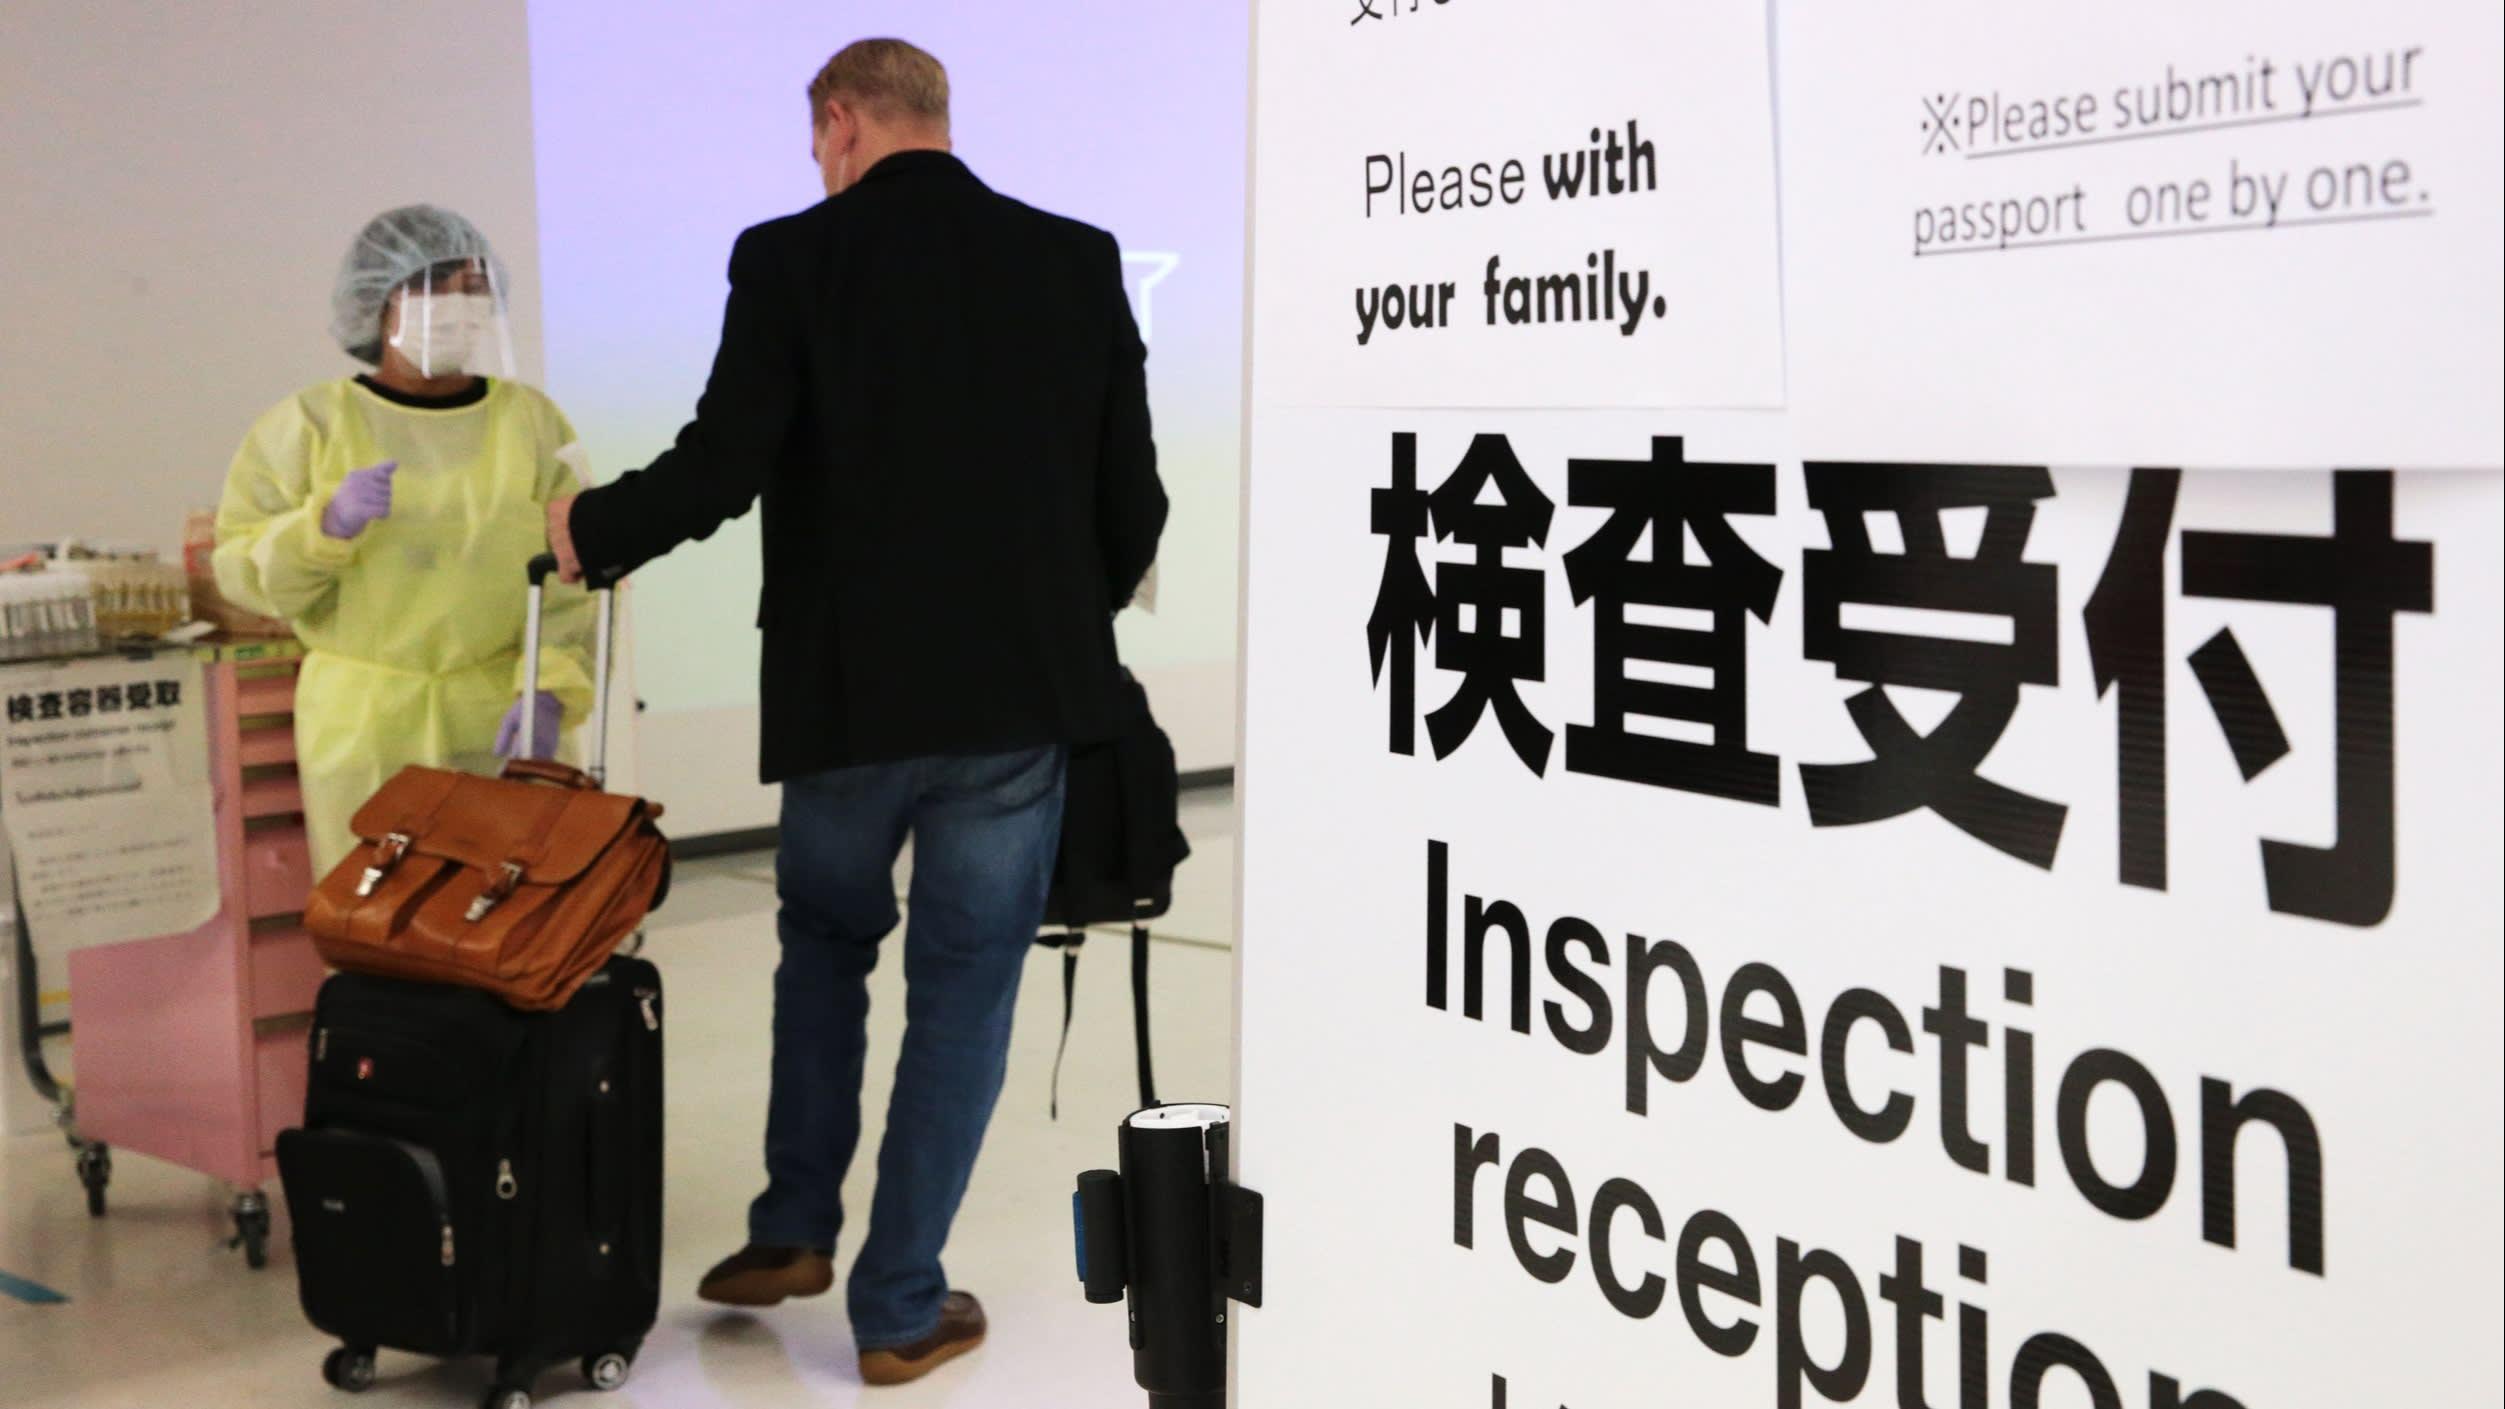 फेरी अर्को प्रकार फेला ! जापानमा अमेरिकामा पाइएको नयाँ प्रकारको कोरोना भेटियो